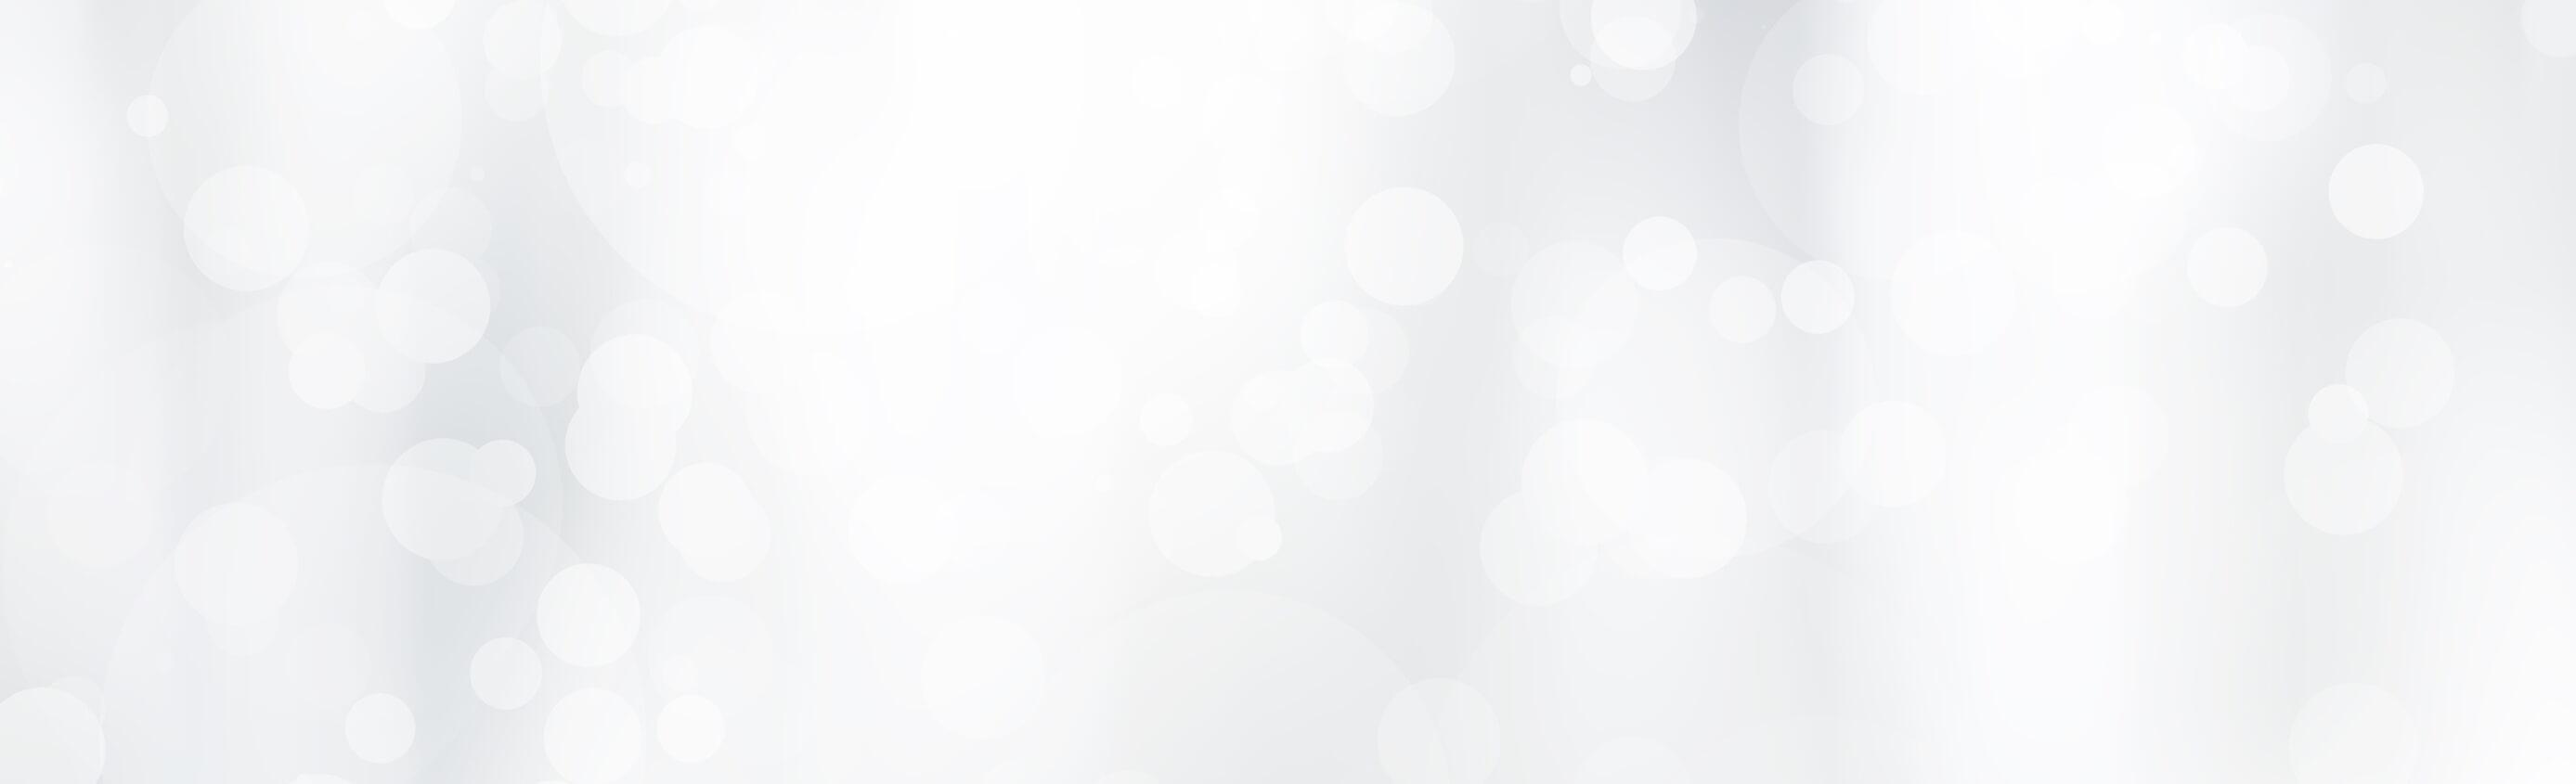 ネタバレ サレタガワ の ブルー